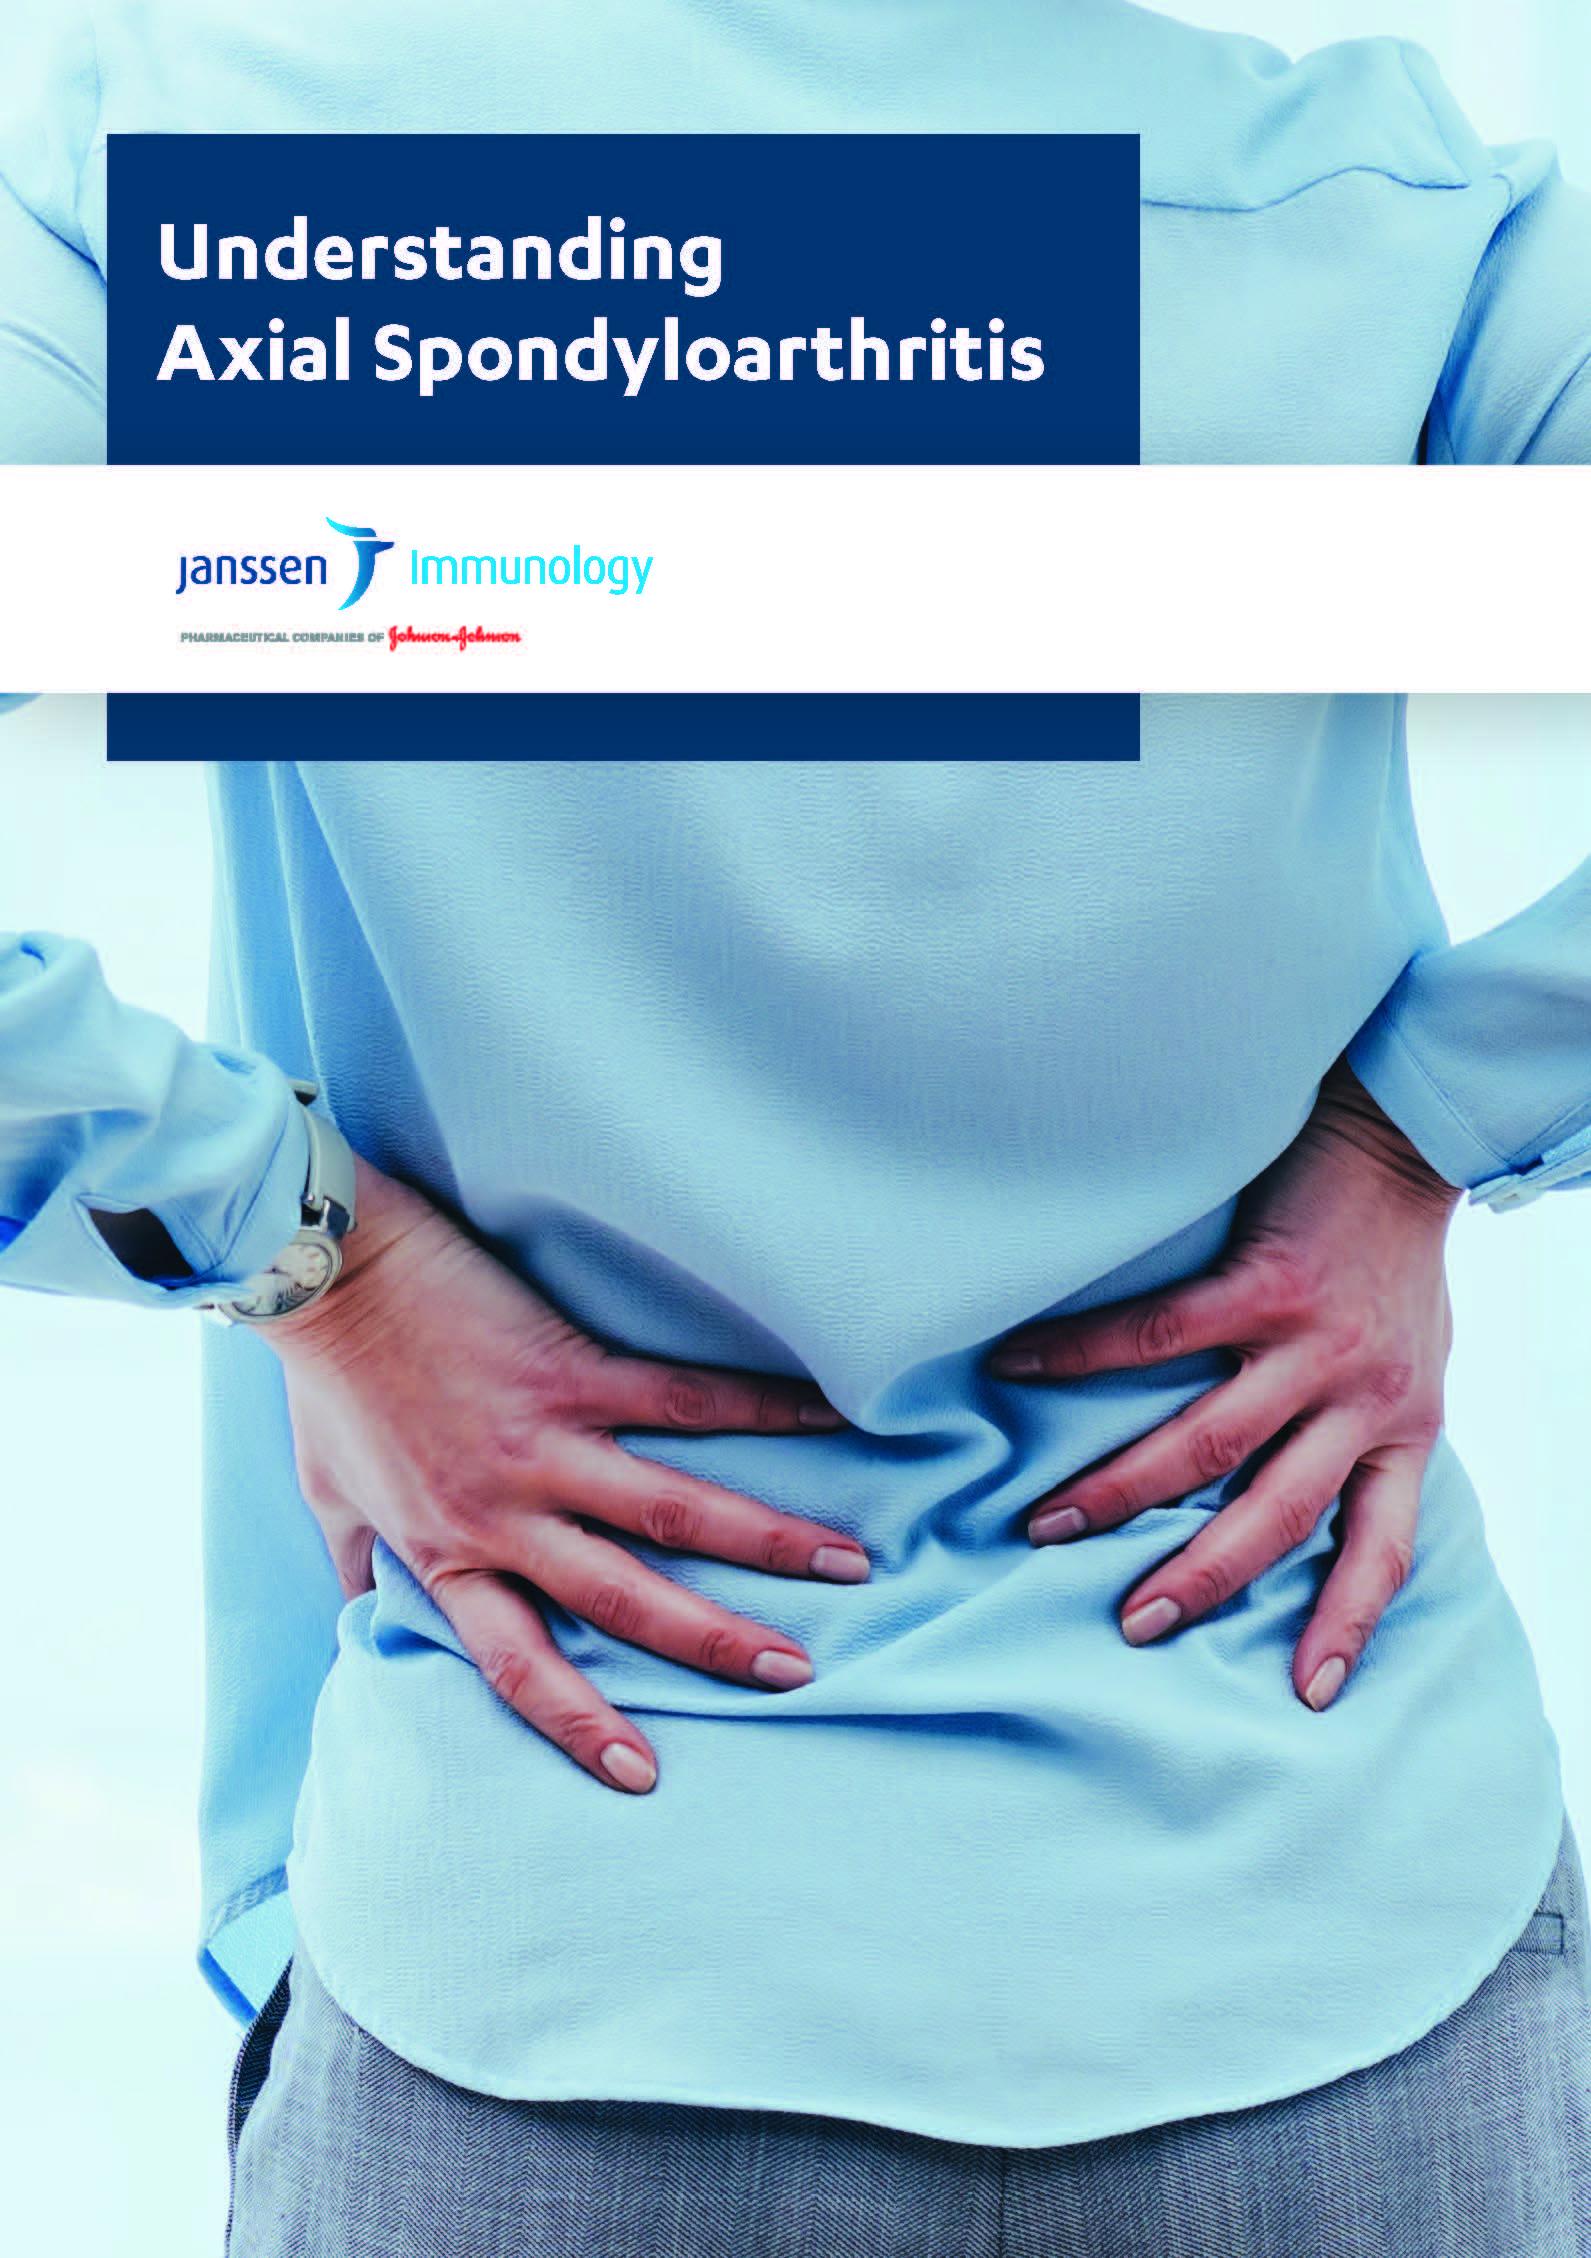 Understanding Axial Spondyloarthritis